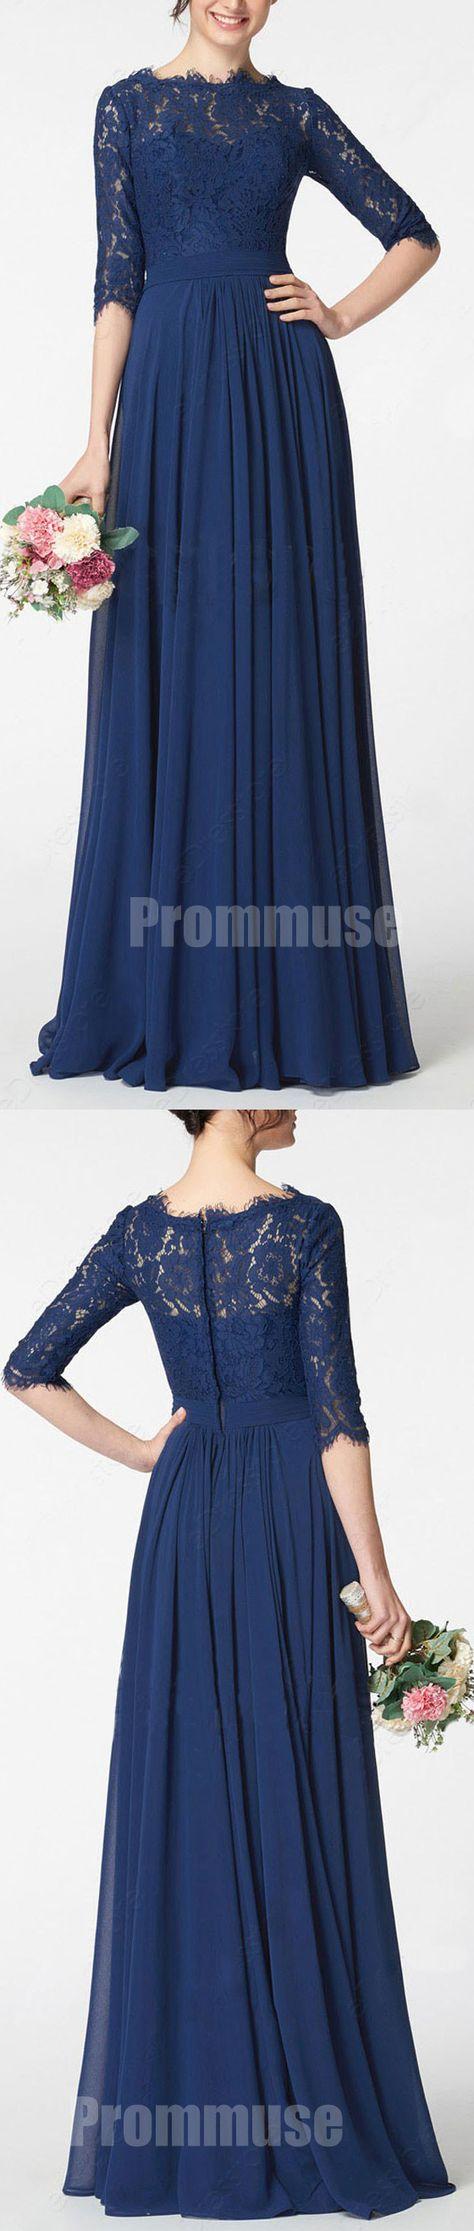 Half sleeves navy blue lace chiffon formal cheap long bridesmaid